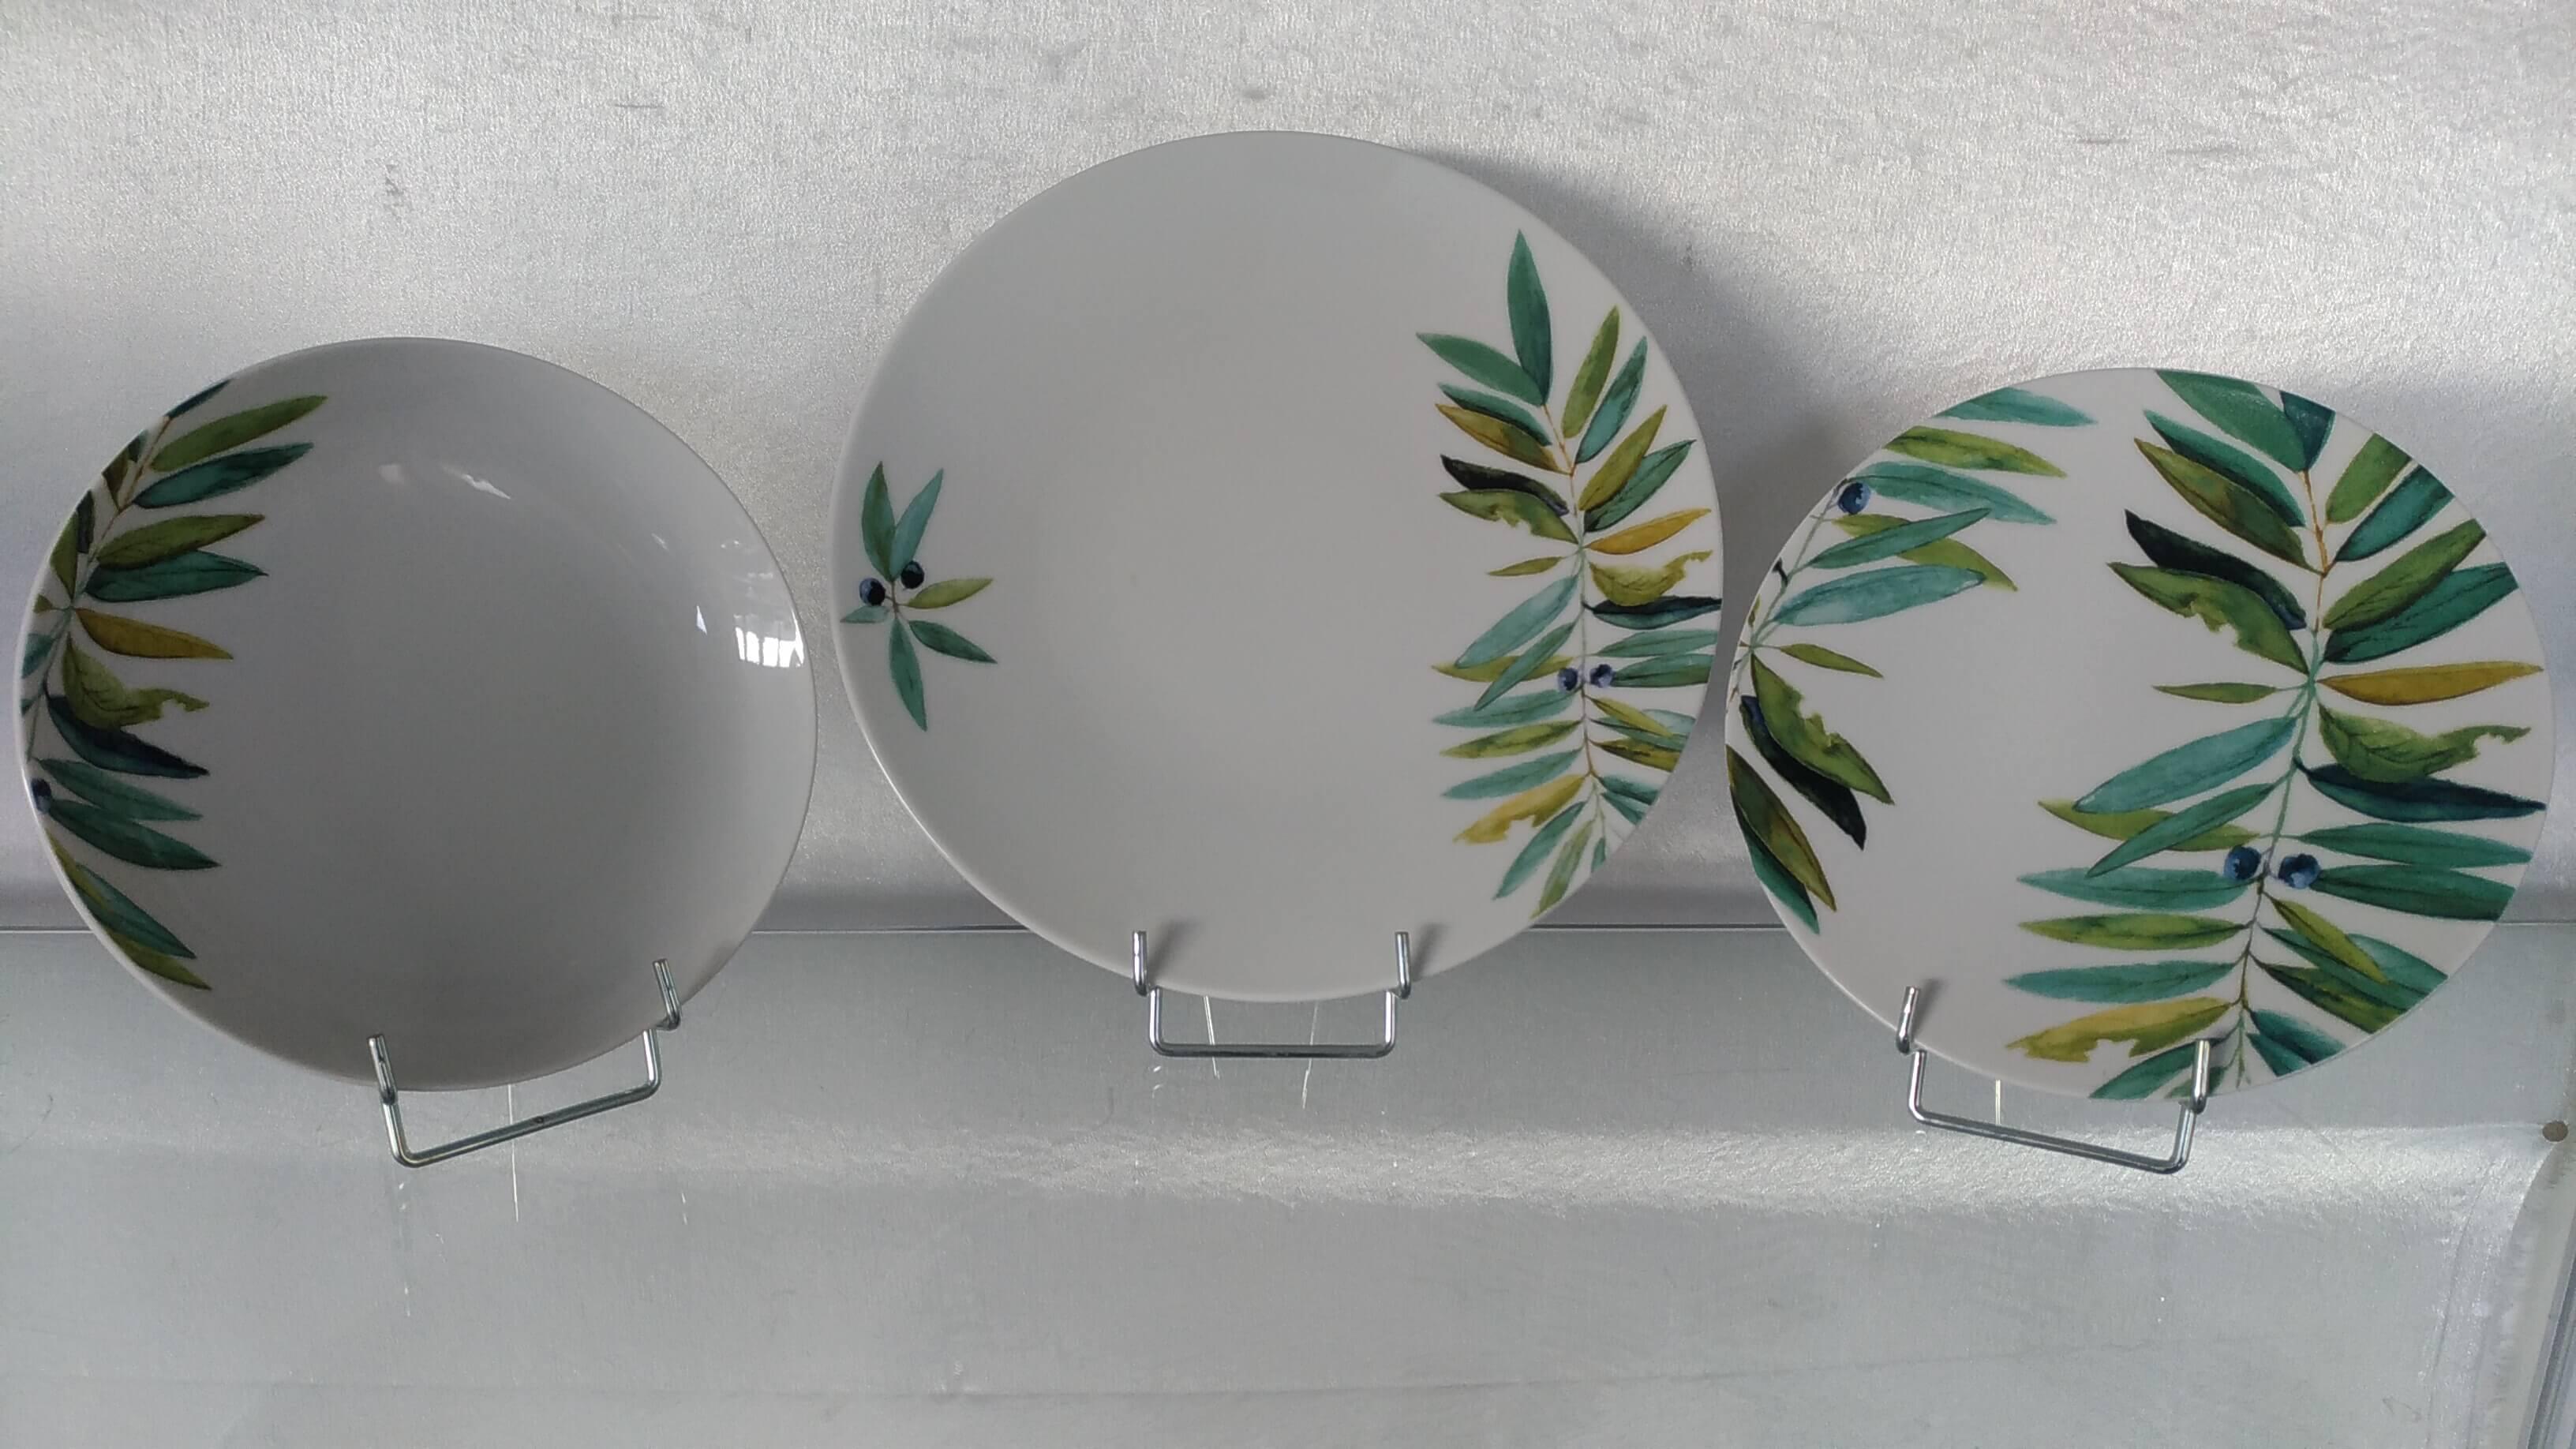 olivia[1]